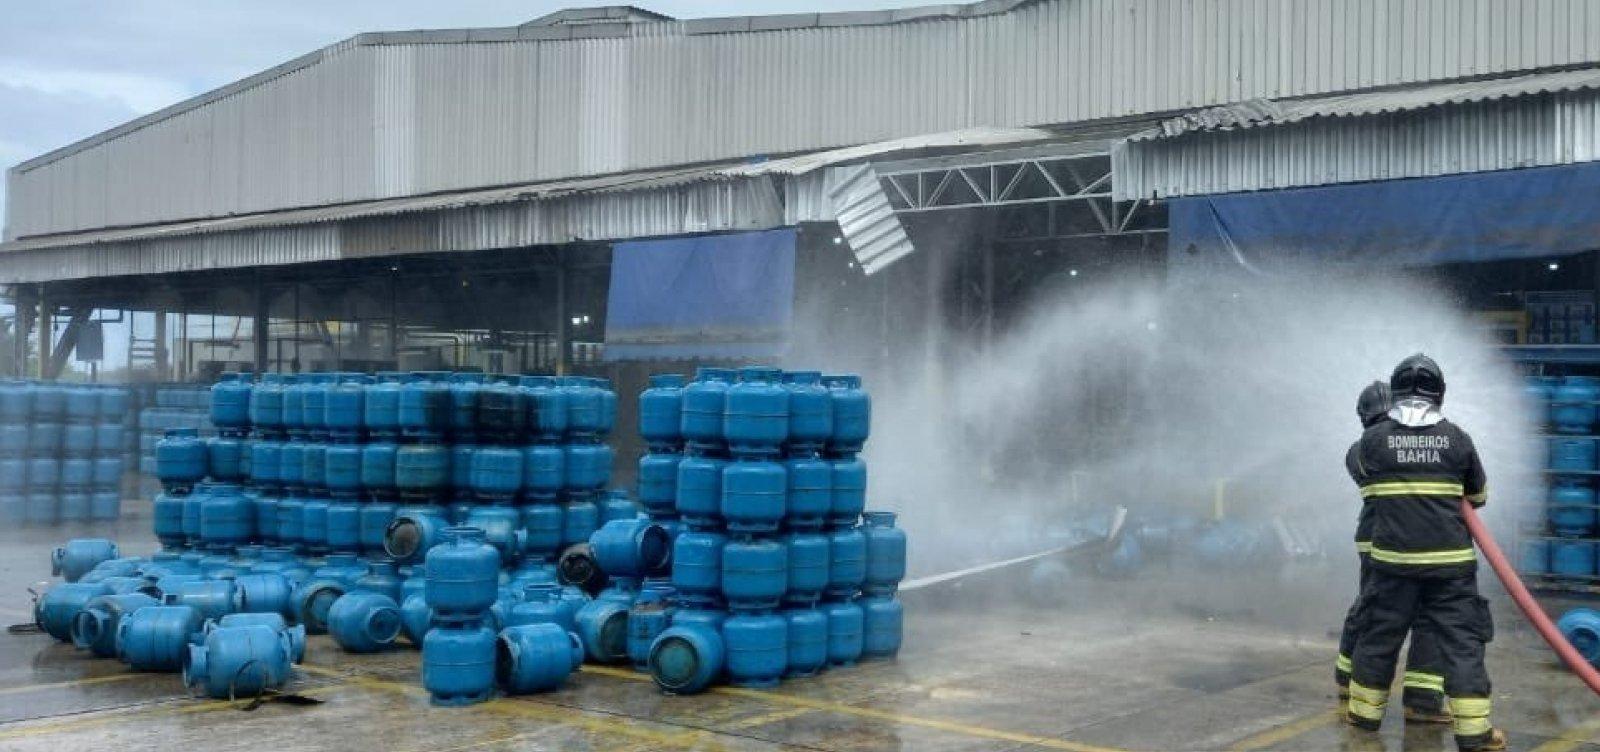 URGENTE: Explosão em empresa de gás mata um e deixa dois feridos em Mataripe